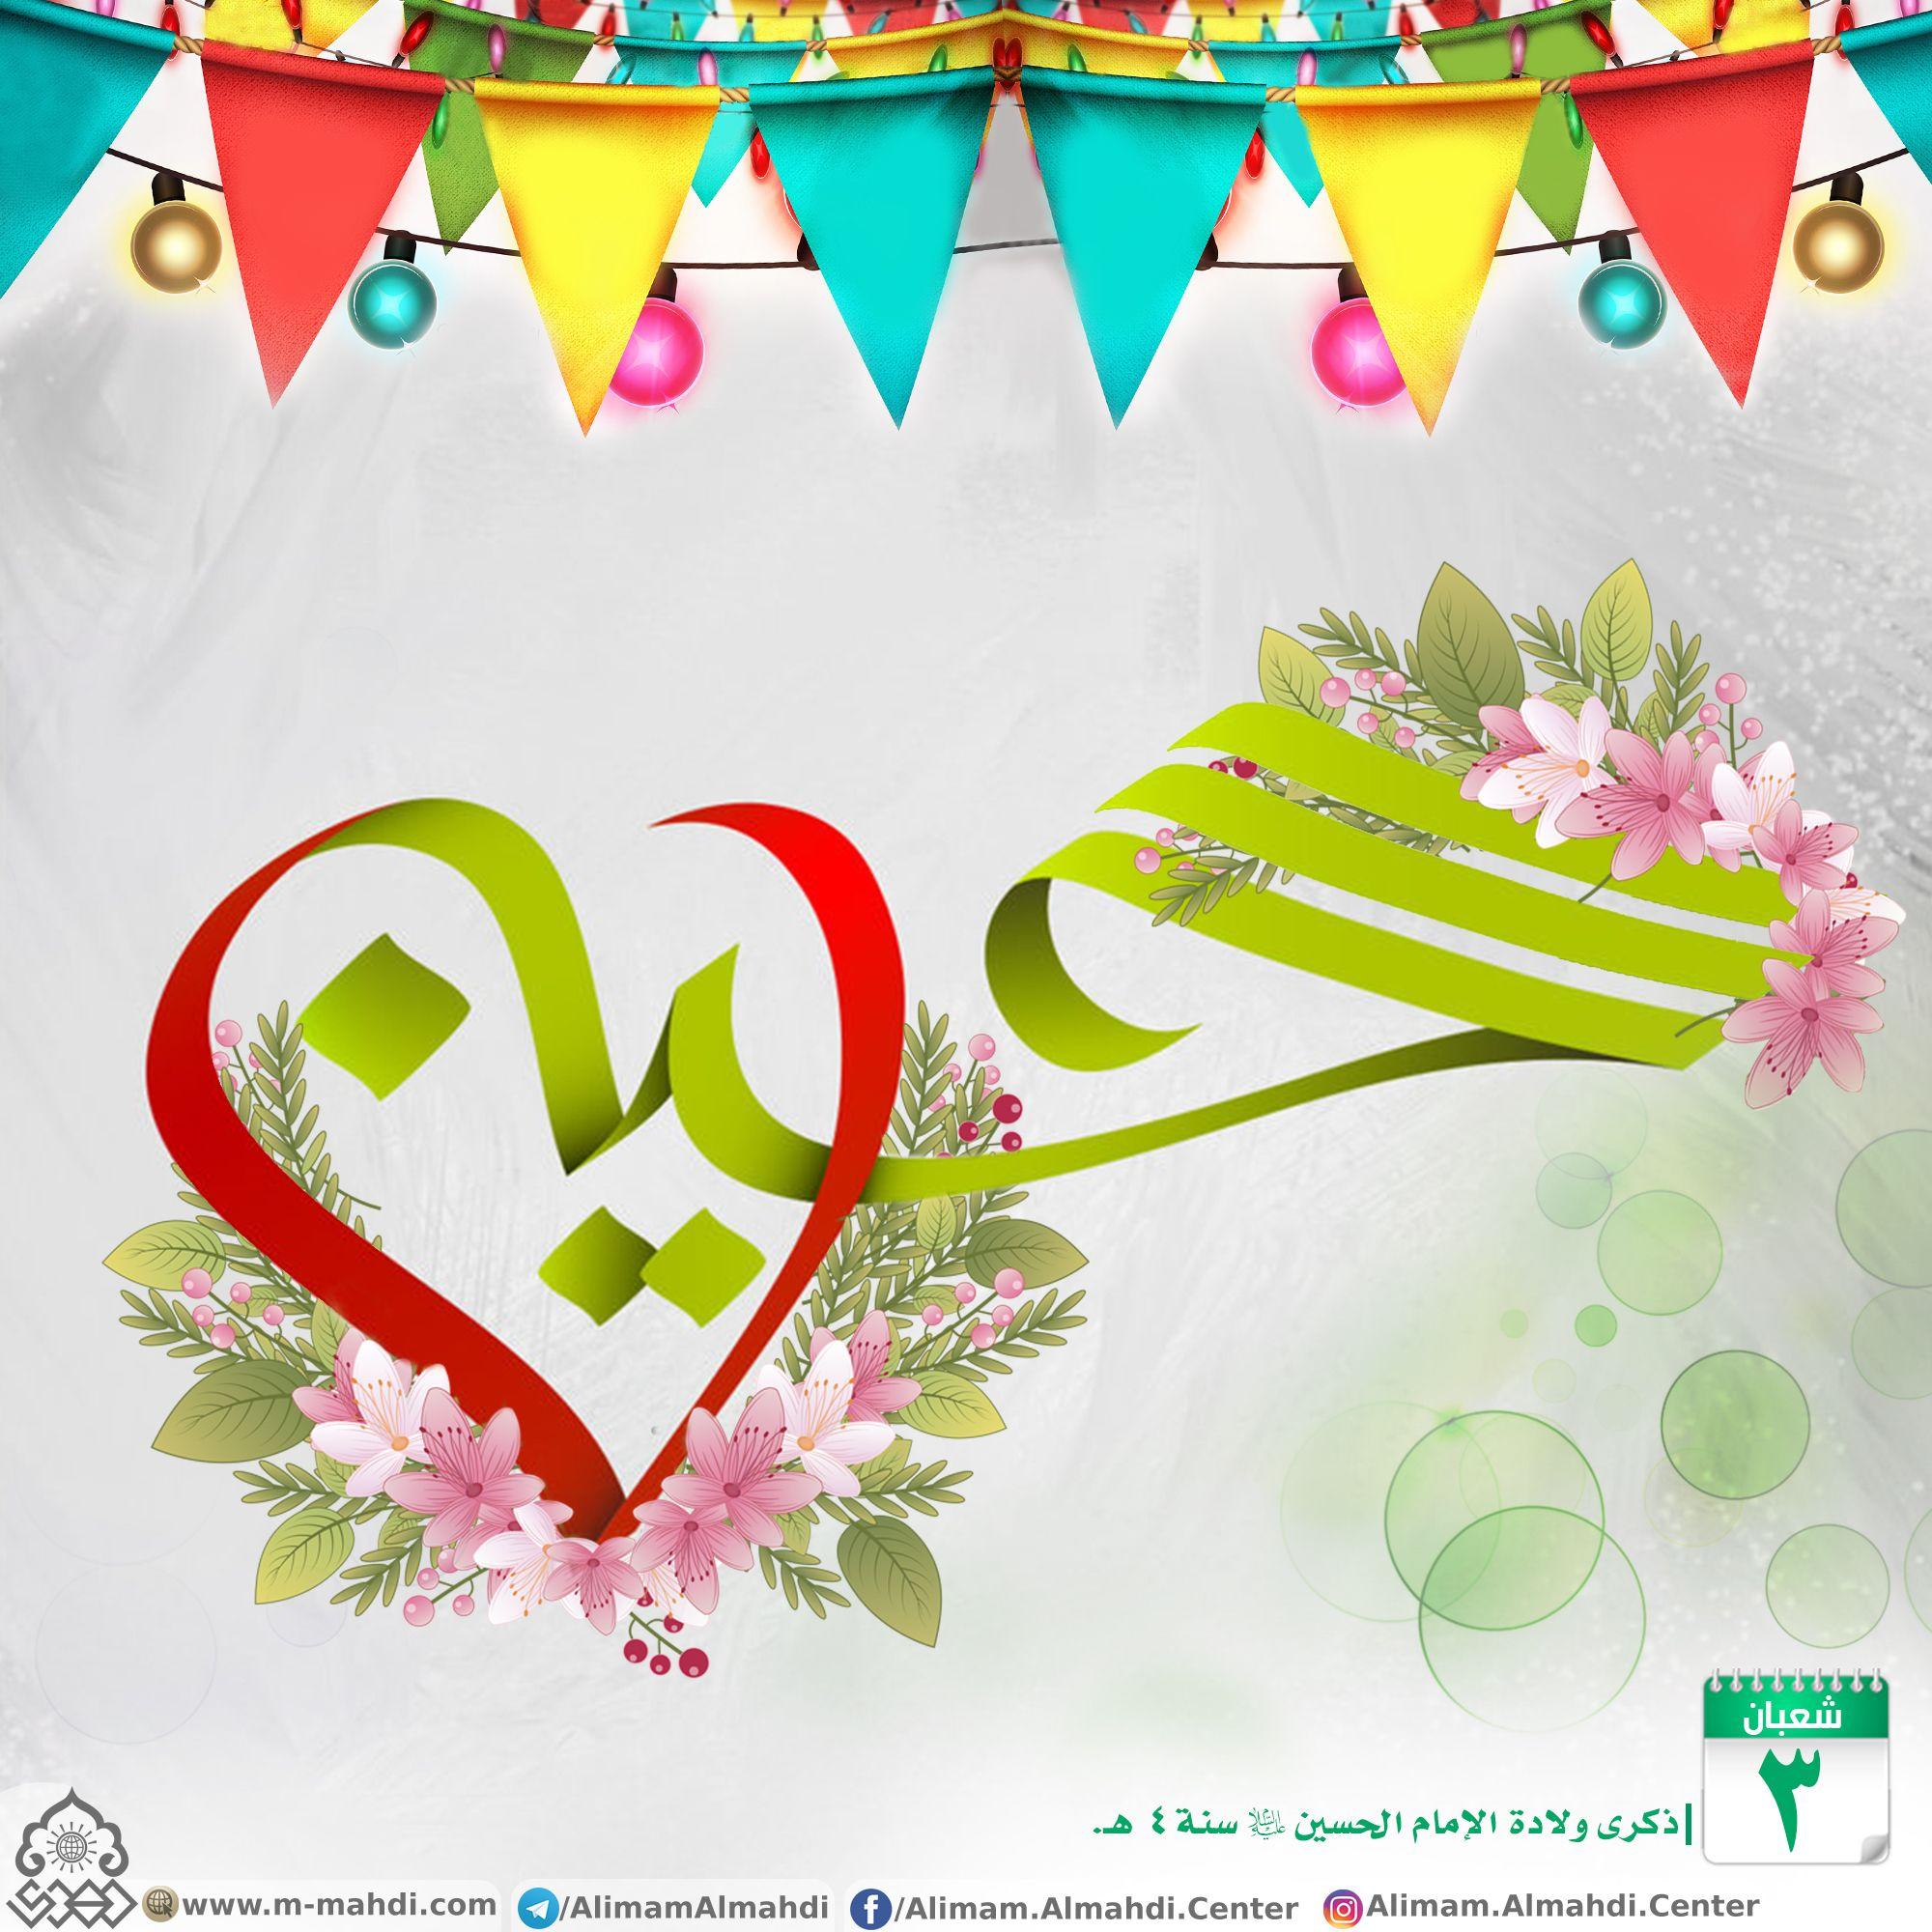 ذكرى ولادة الامام الحسين عليه السلام Islamic Art Calligraphy Islamic Calligraphy Islamic Art